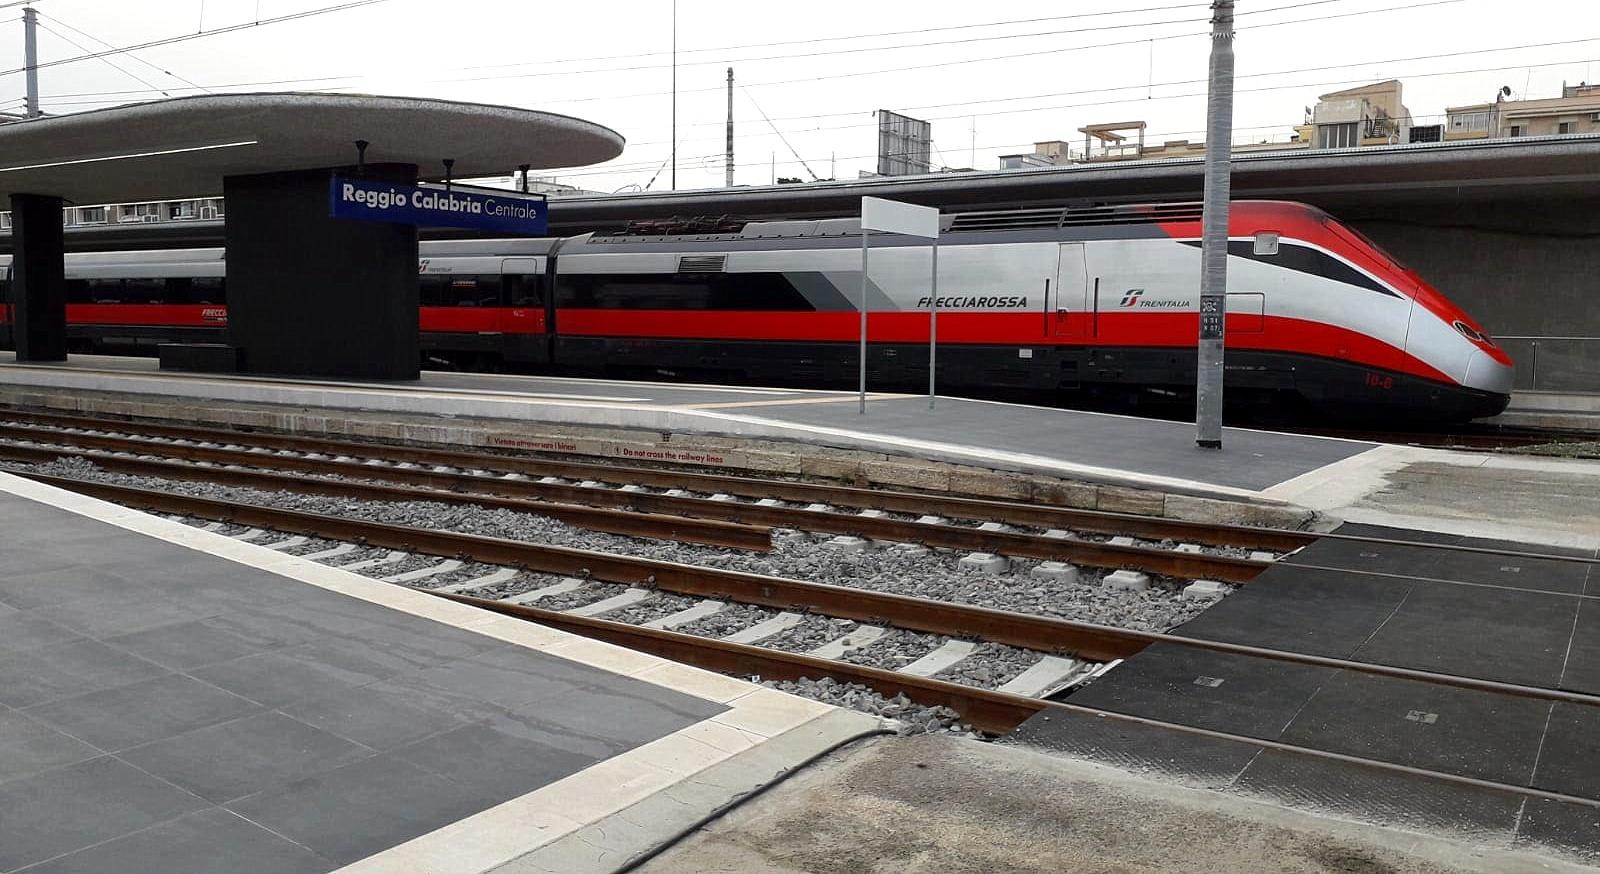 Un treno Frecciarossa sui binari della CalabriaUtilizzato dopo il guasto ad un convoglio per Reggio